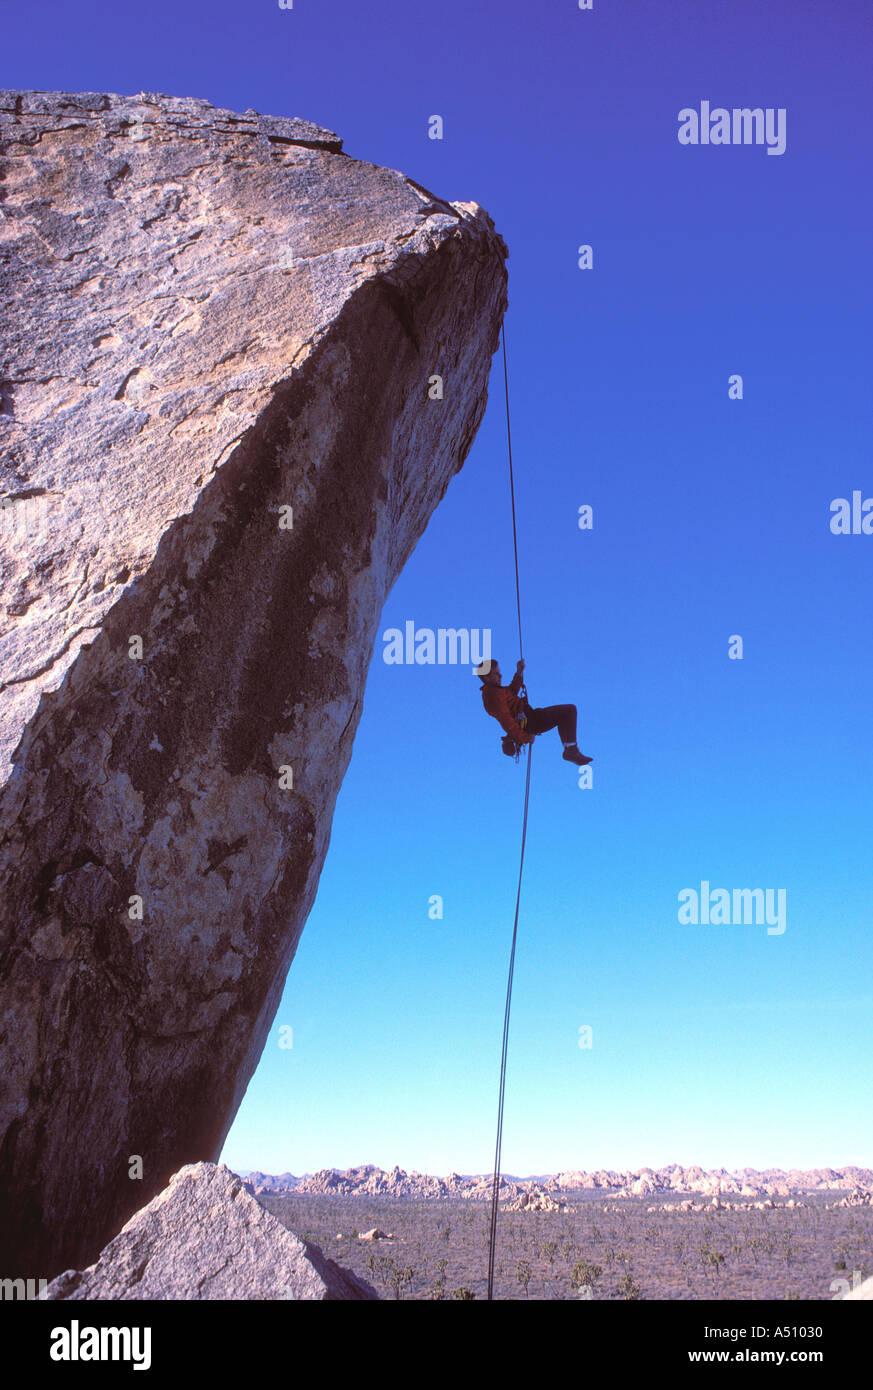 Rock climing uomo rappeling off di roccia con il paesaggio del deserto in background Joshua Tree California USA Immagini Stock